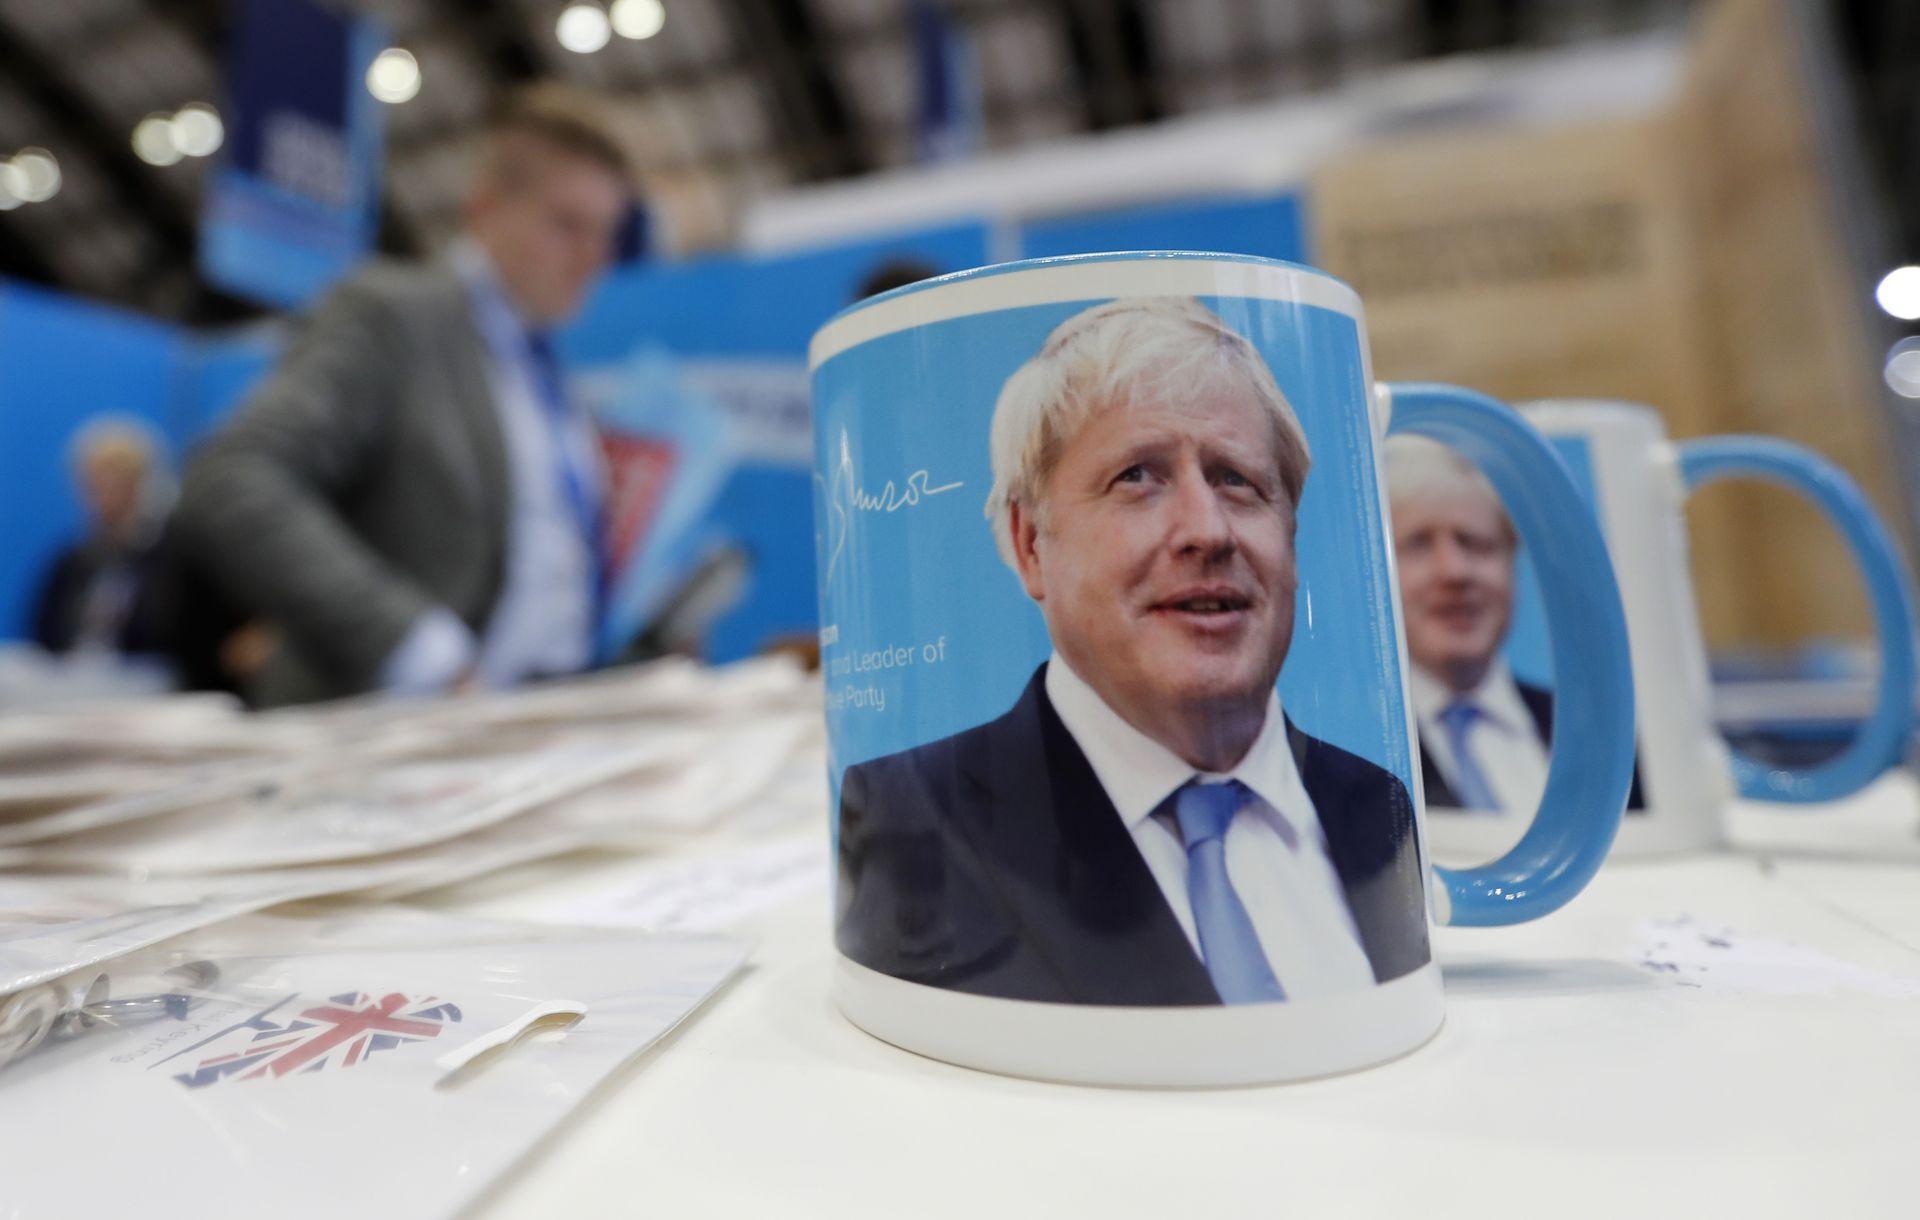 Привържениците на Джонсън можеха да си купят и чаши с неговия образ